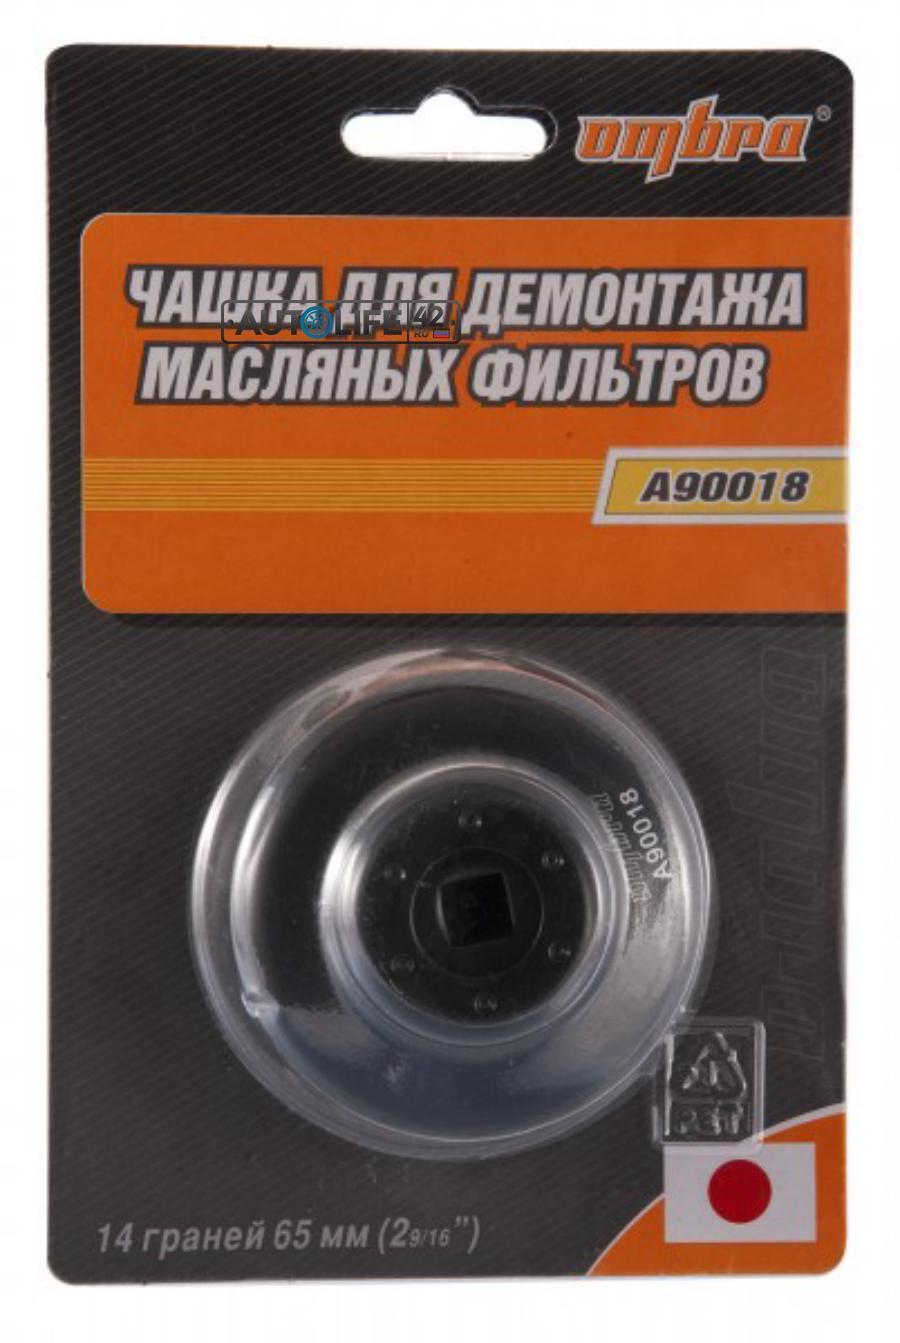 Съемник масляных фильтров чашка 65/14 черный